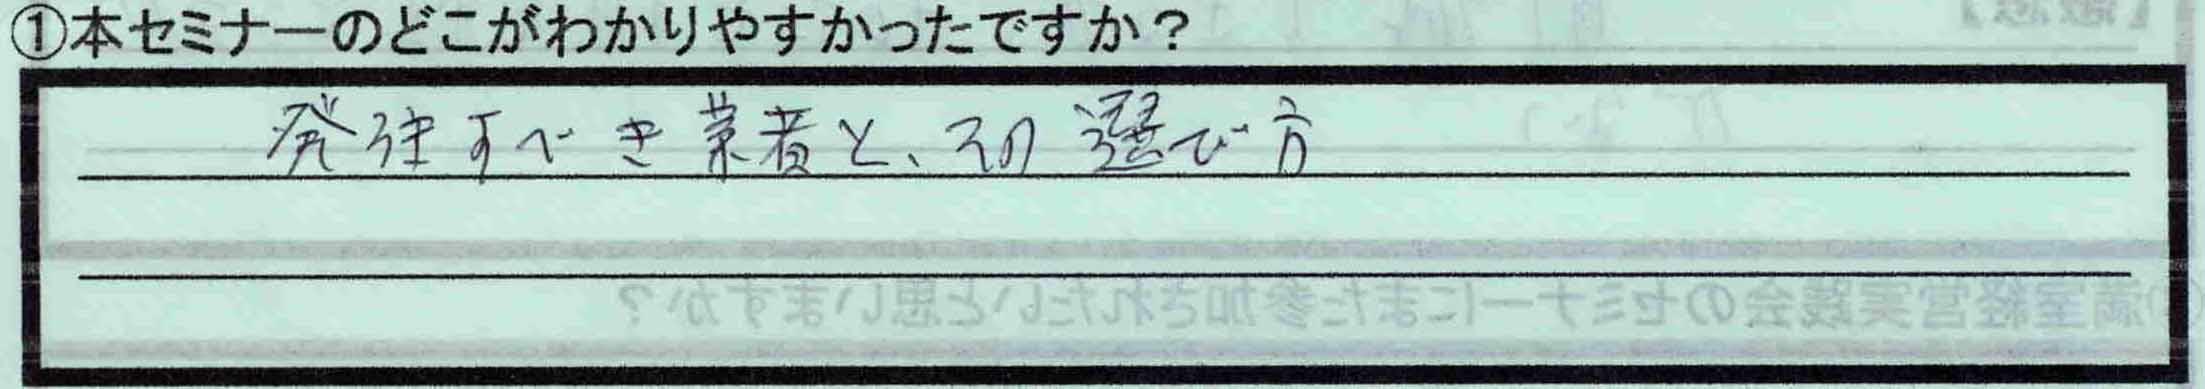 埼玉県内藤久則さん